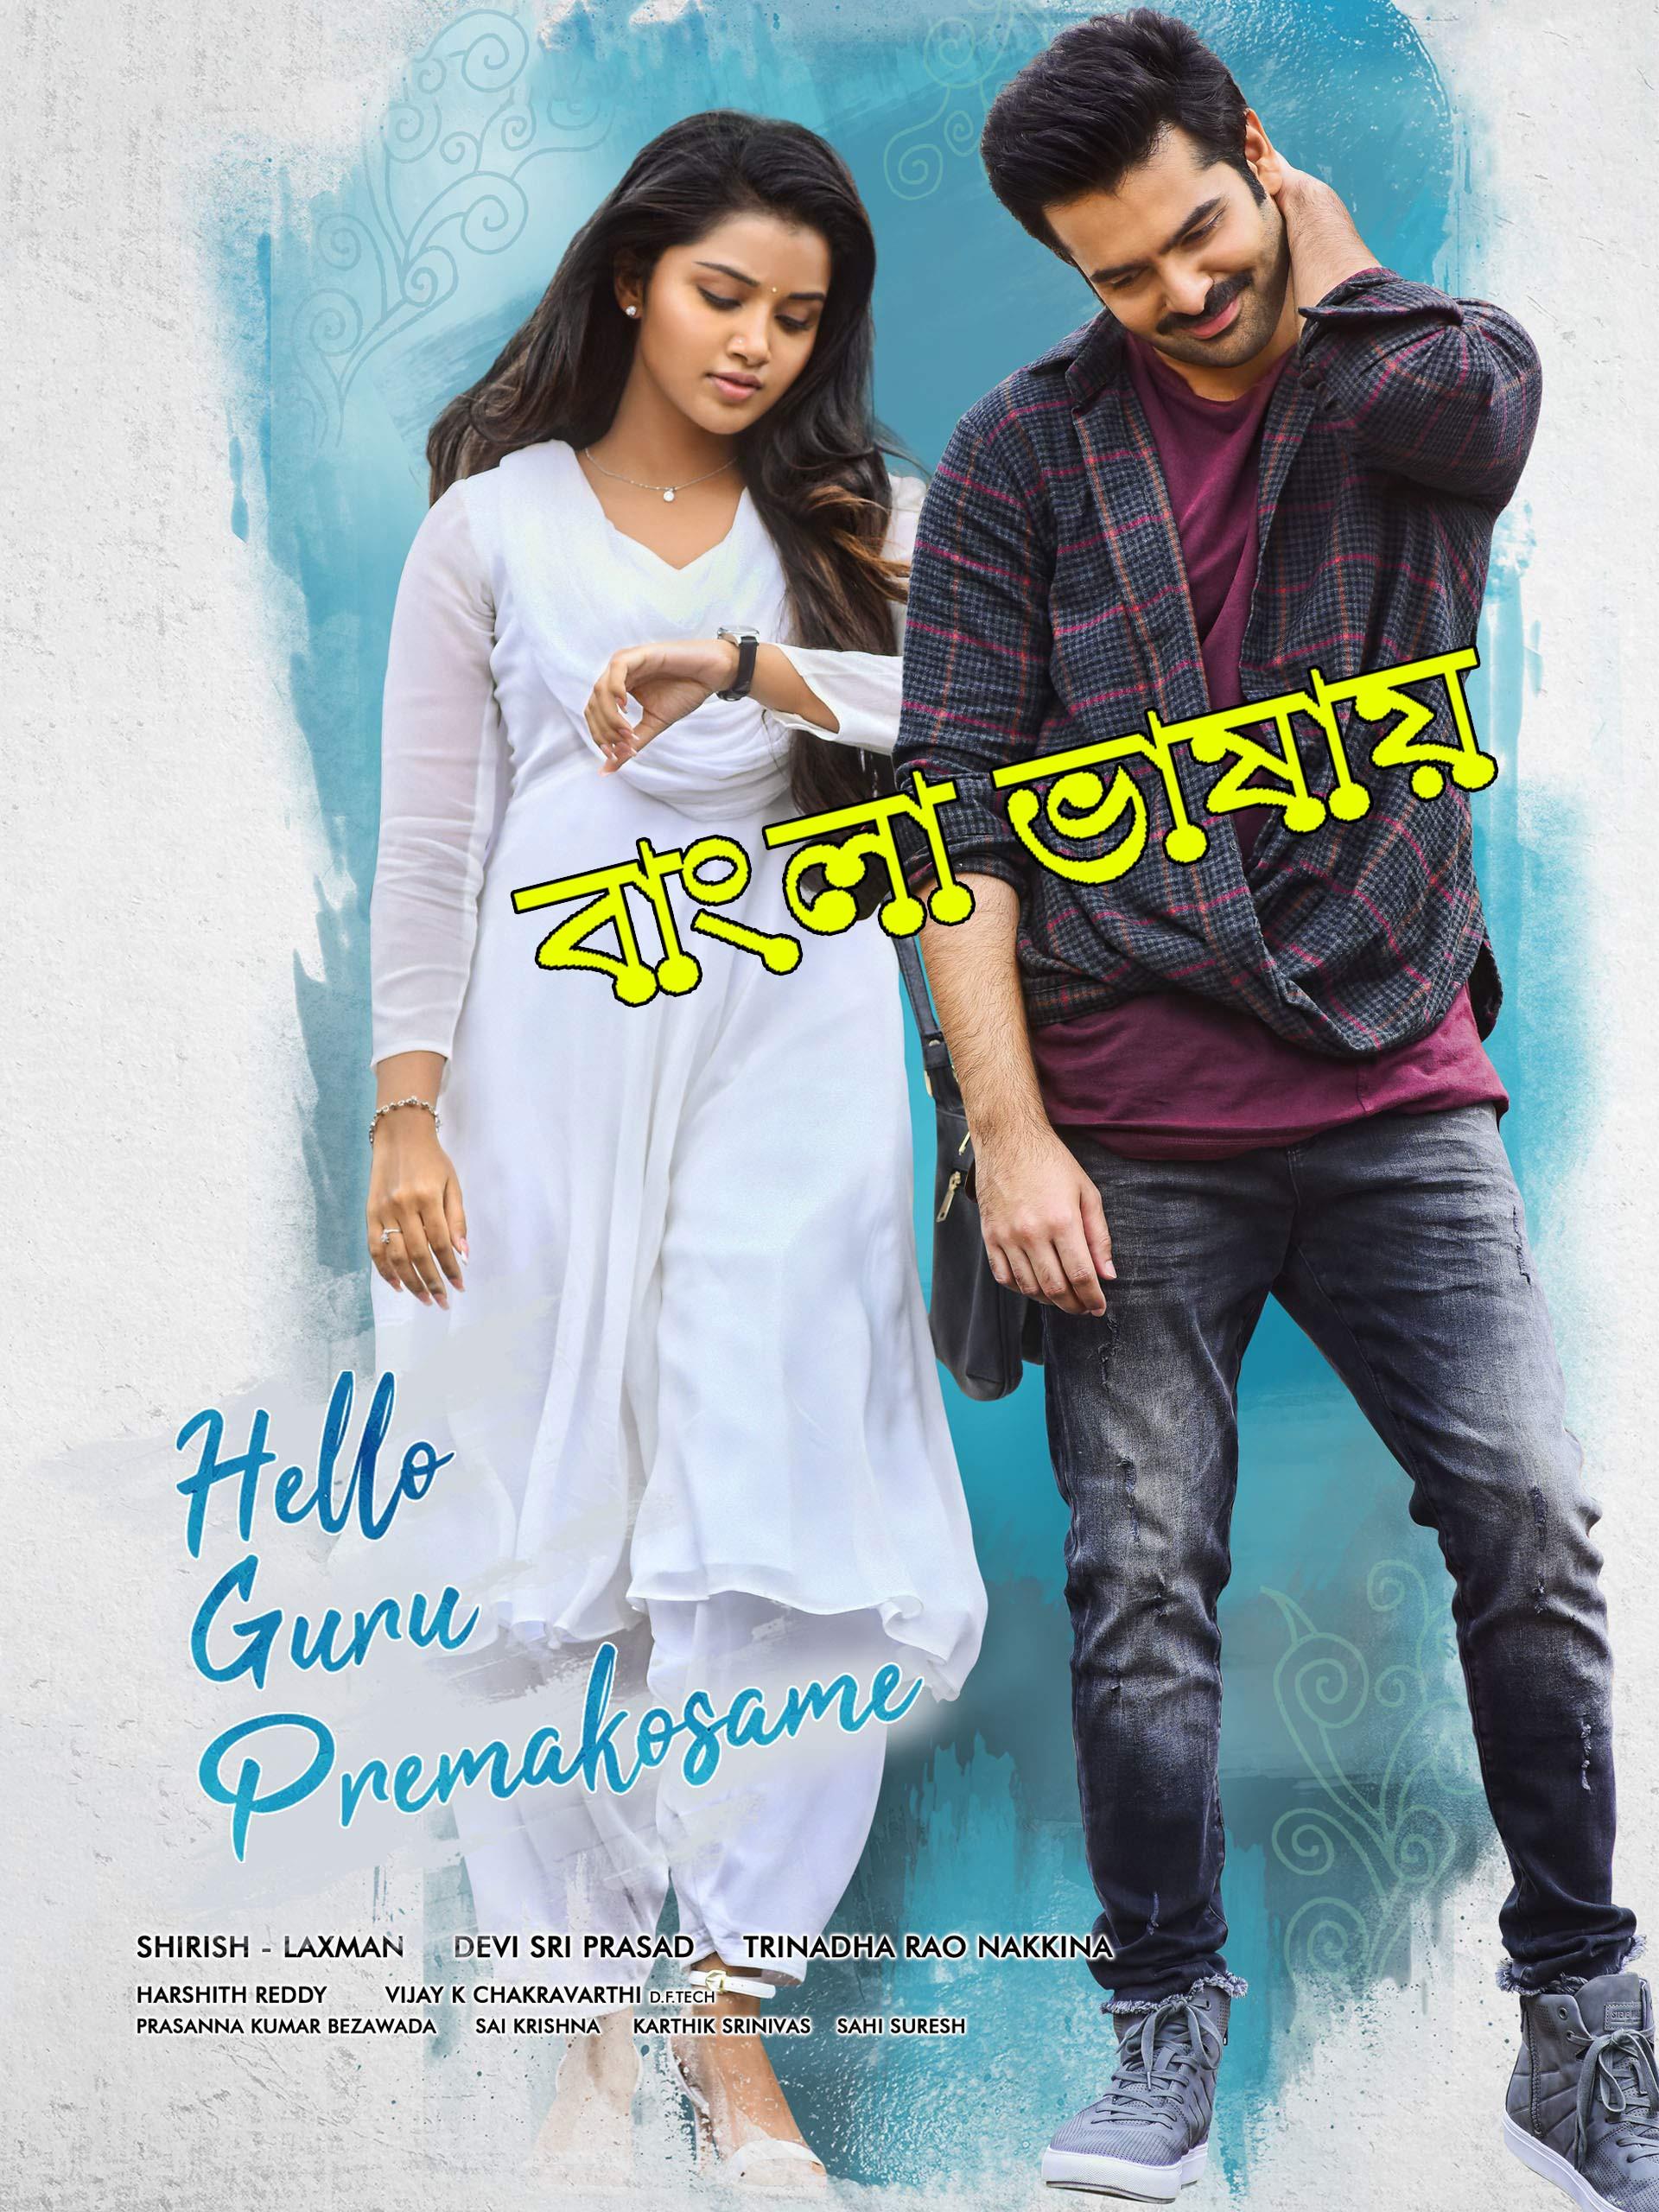 Hello Guru Prema Kosame 2018 Bengali Dubbed HDRip 500MB Download